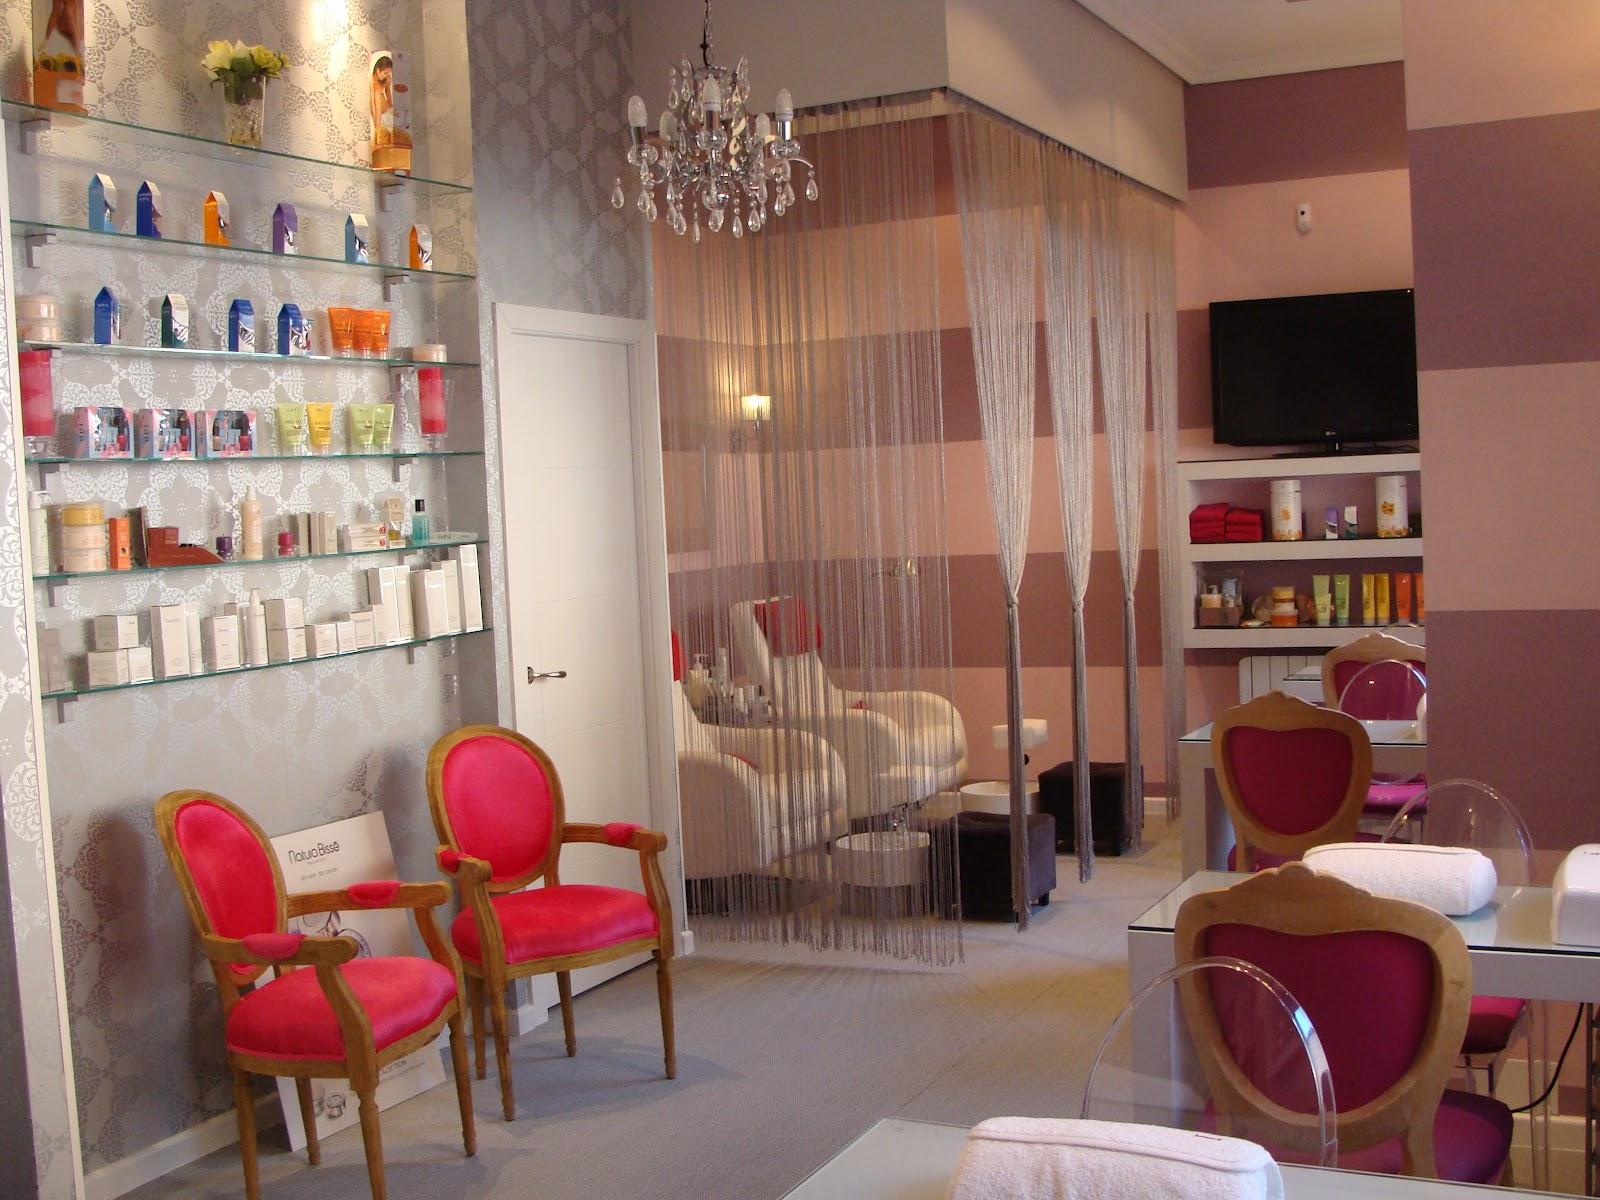 Salones De Belleza Decoracion ~ La Calidad, el servicio y la exclusividad son sus premisas, trabajan